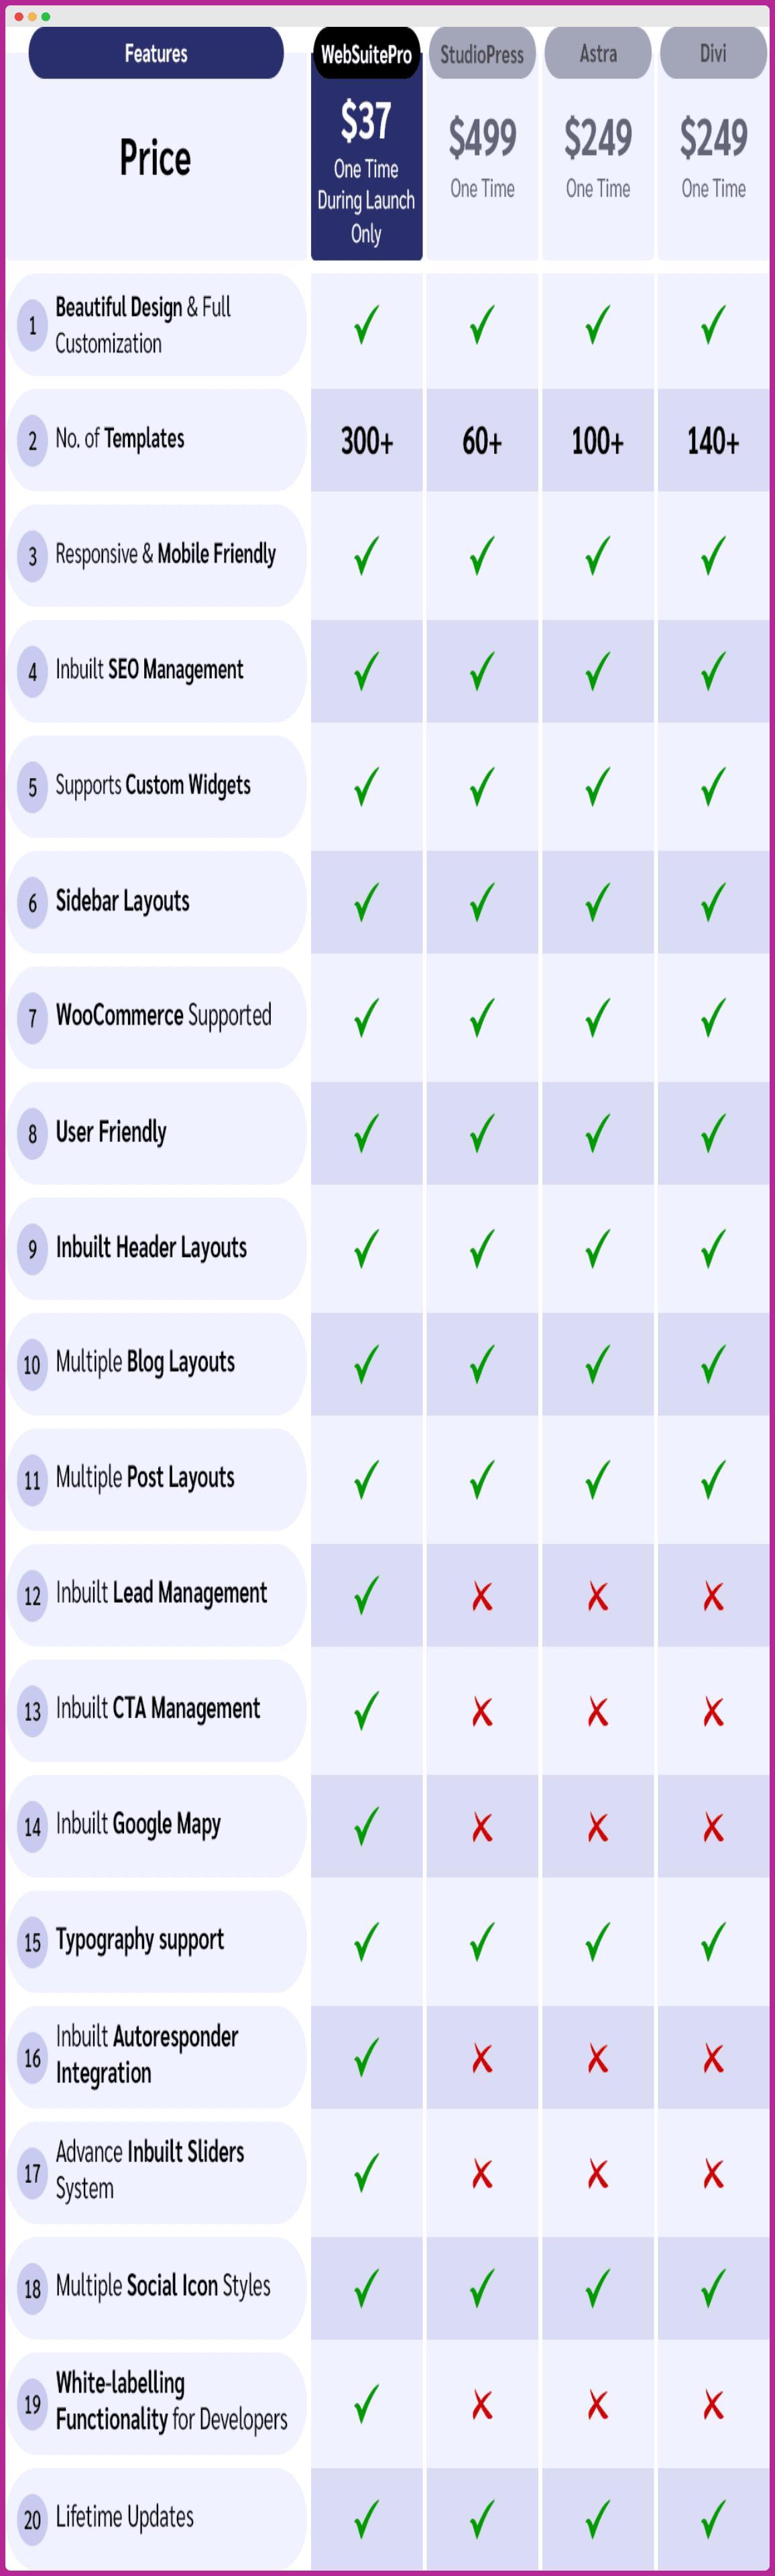 Agenciez Review - A Quick Comparison